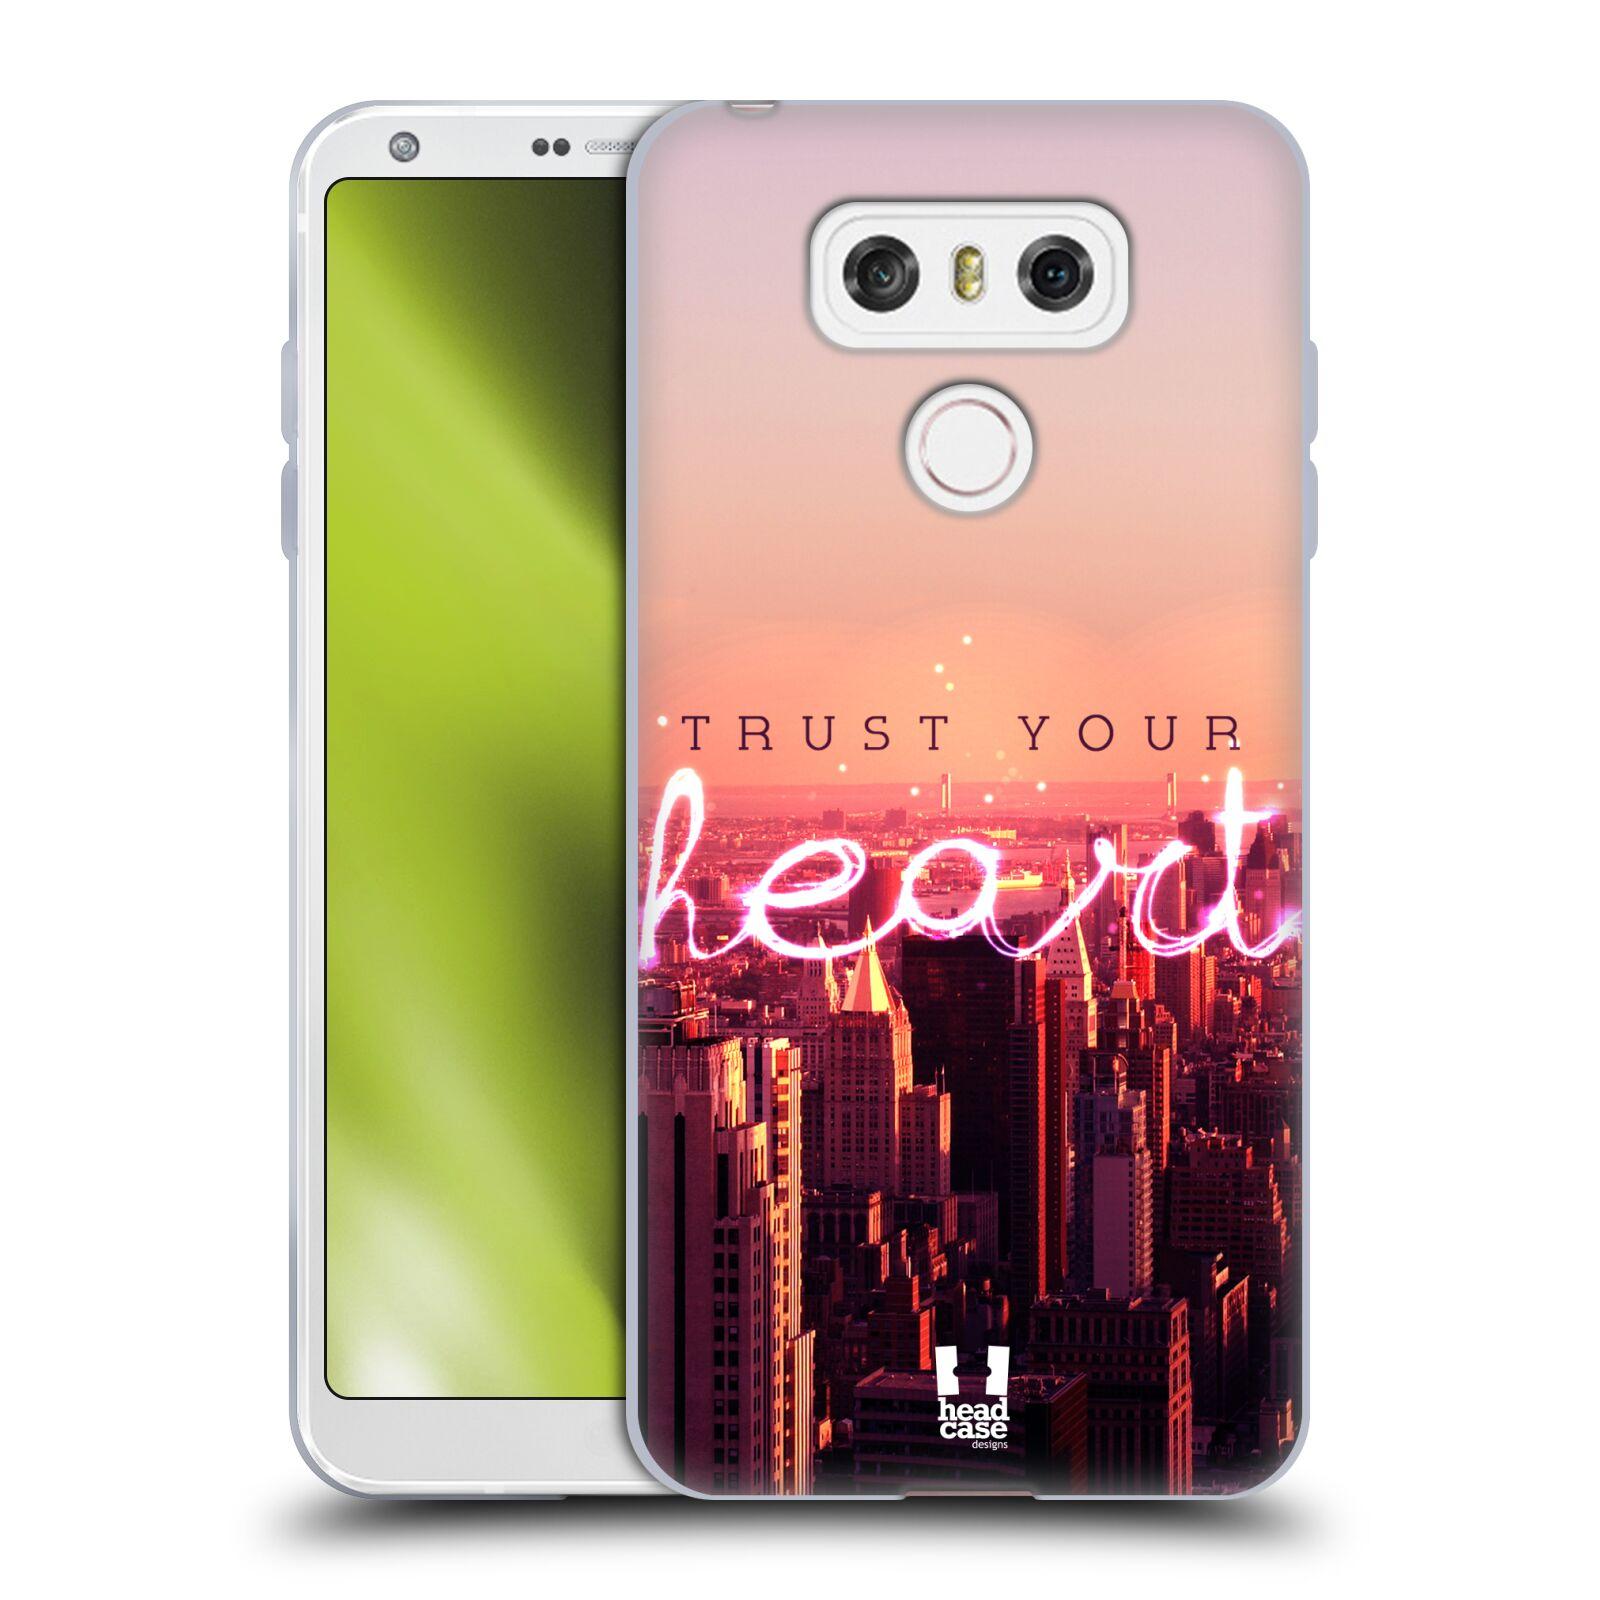 Silikonové pouzdro na mobil LG G6 - Head Case TRUST YOUR HEART (Silikonový kryt či obal na mobilní telefon LG G6 H870 / LG G6 Dual SIM H870DS)